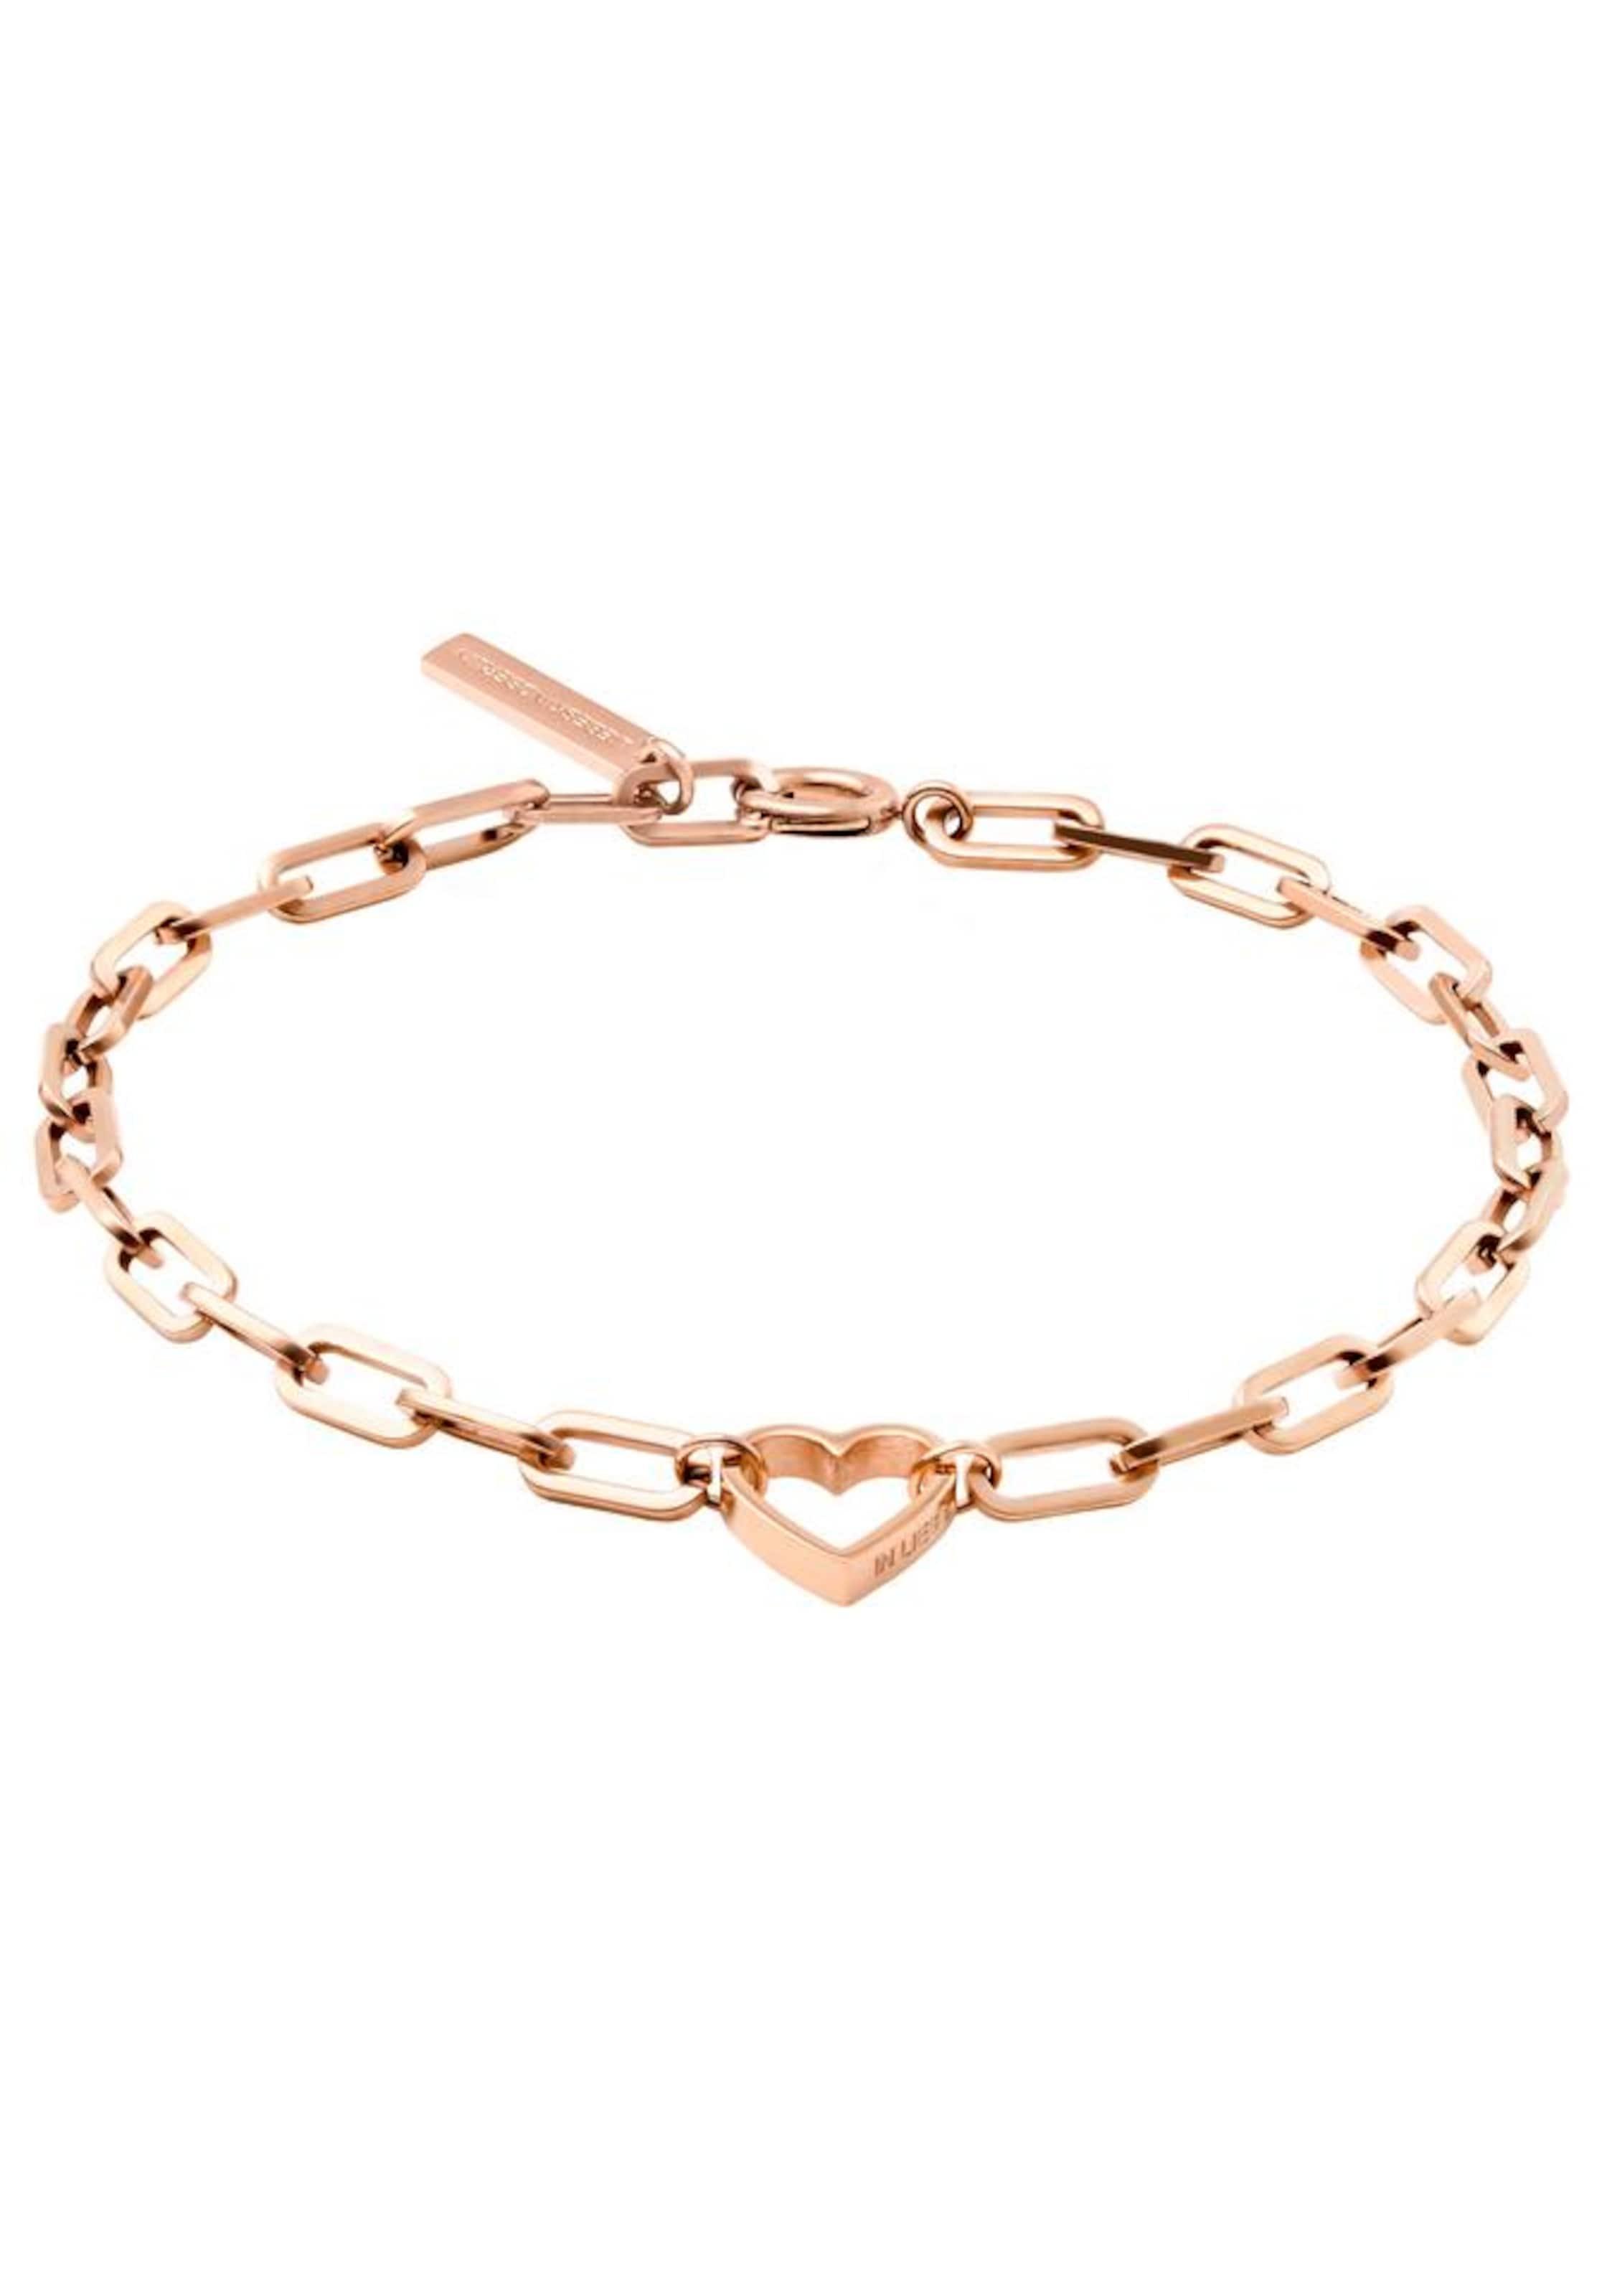 0345 Rose Bracelet 20 Or En 'lj Liebeskind Berlin b Herz' cl1TFJK35u